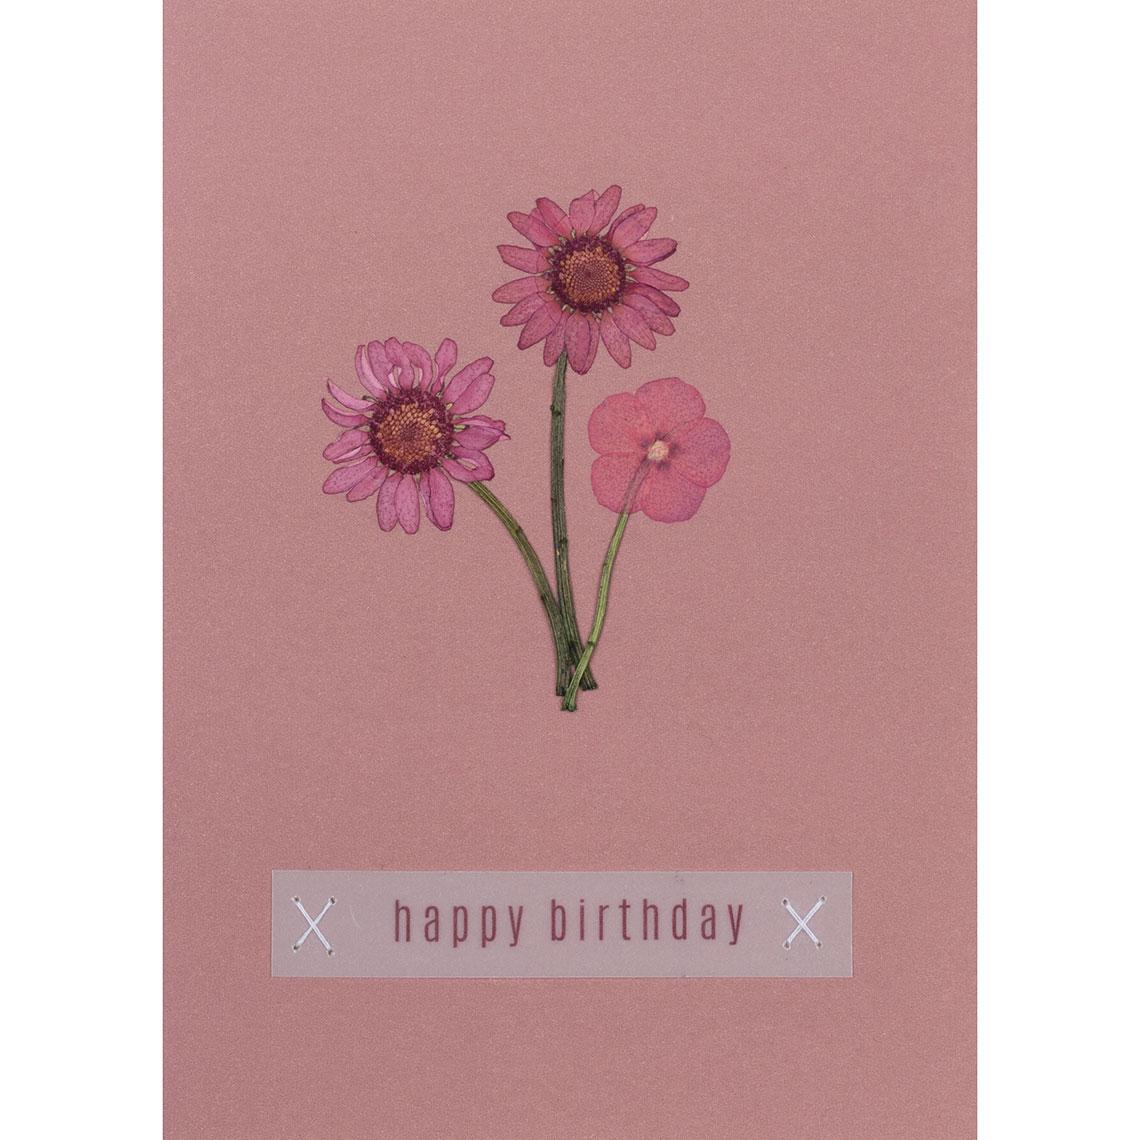 Blumengruß Glückwunschkarte - Happy Birthday - räder